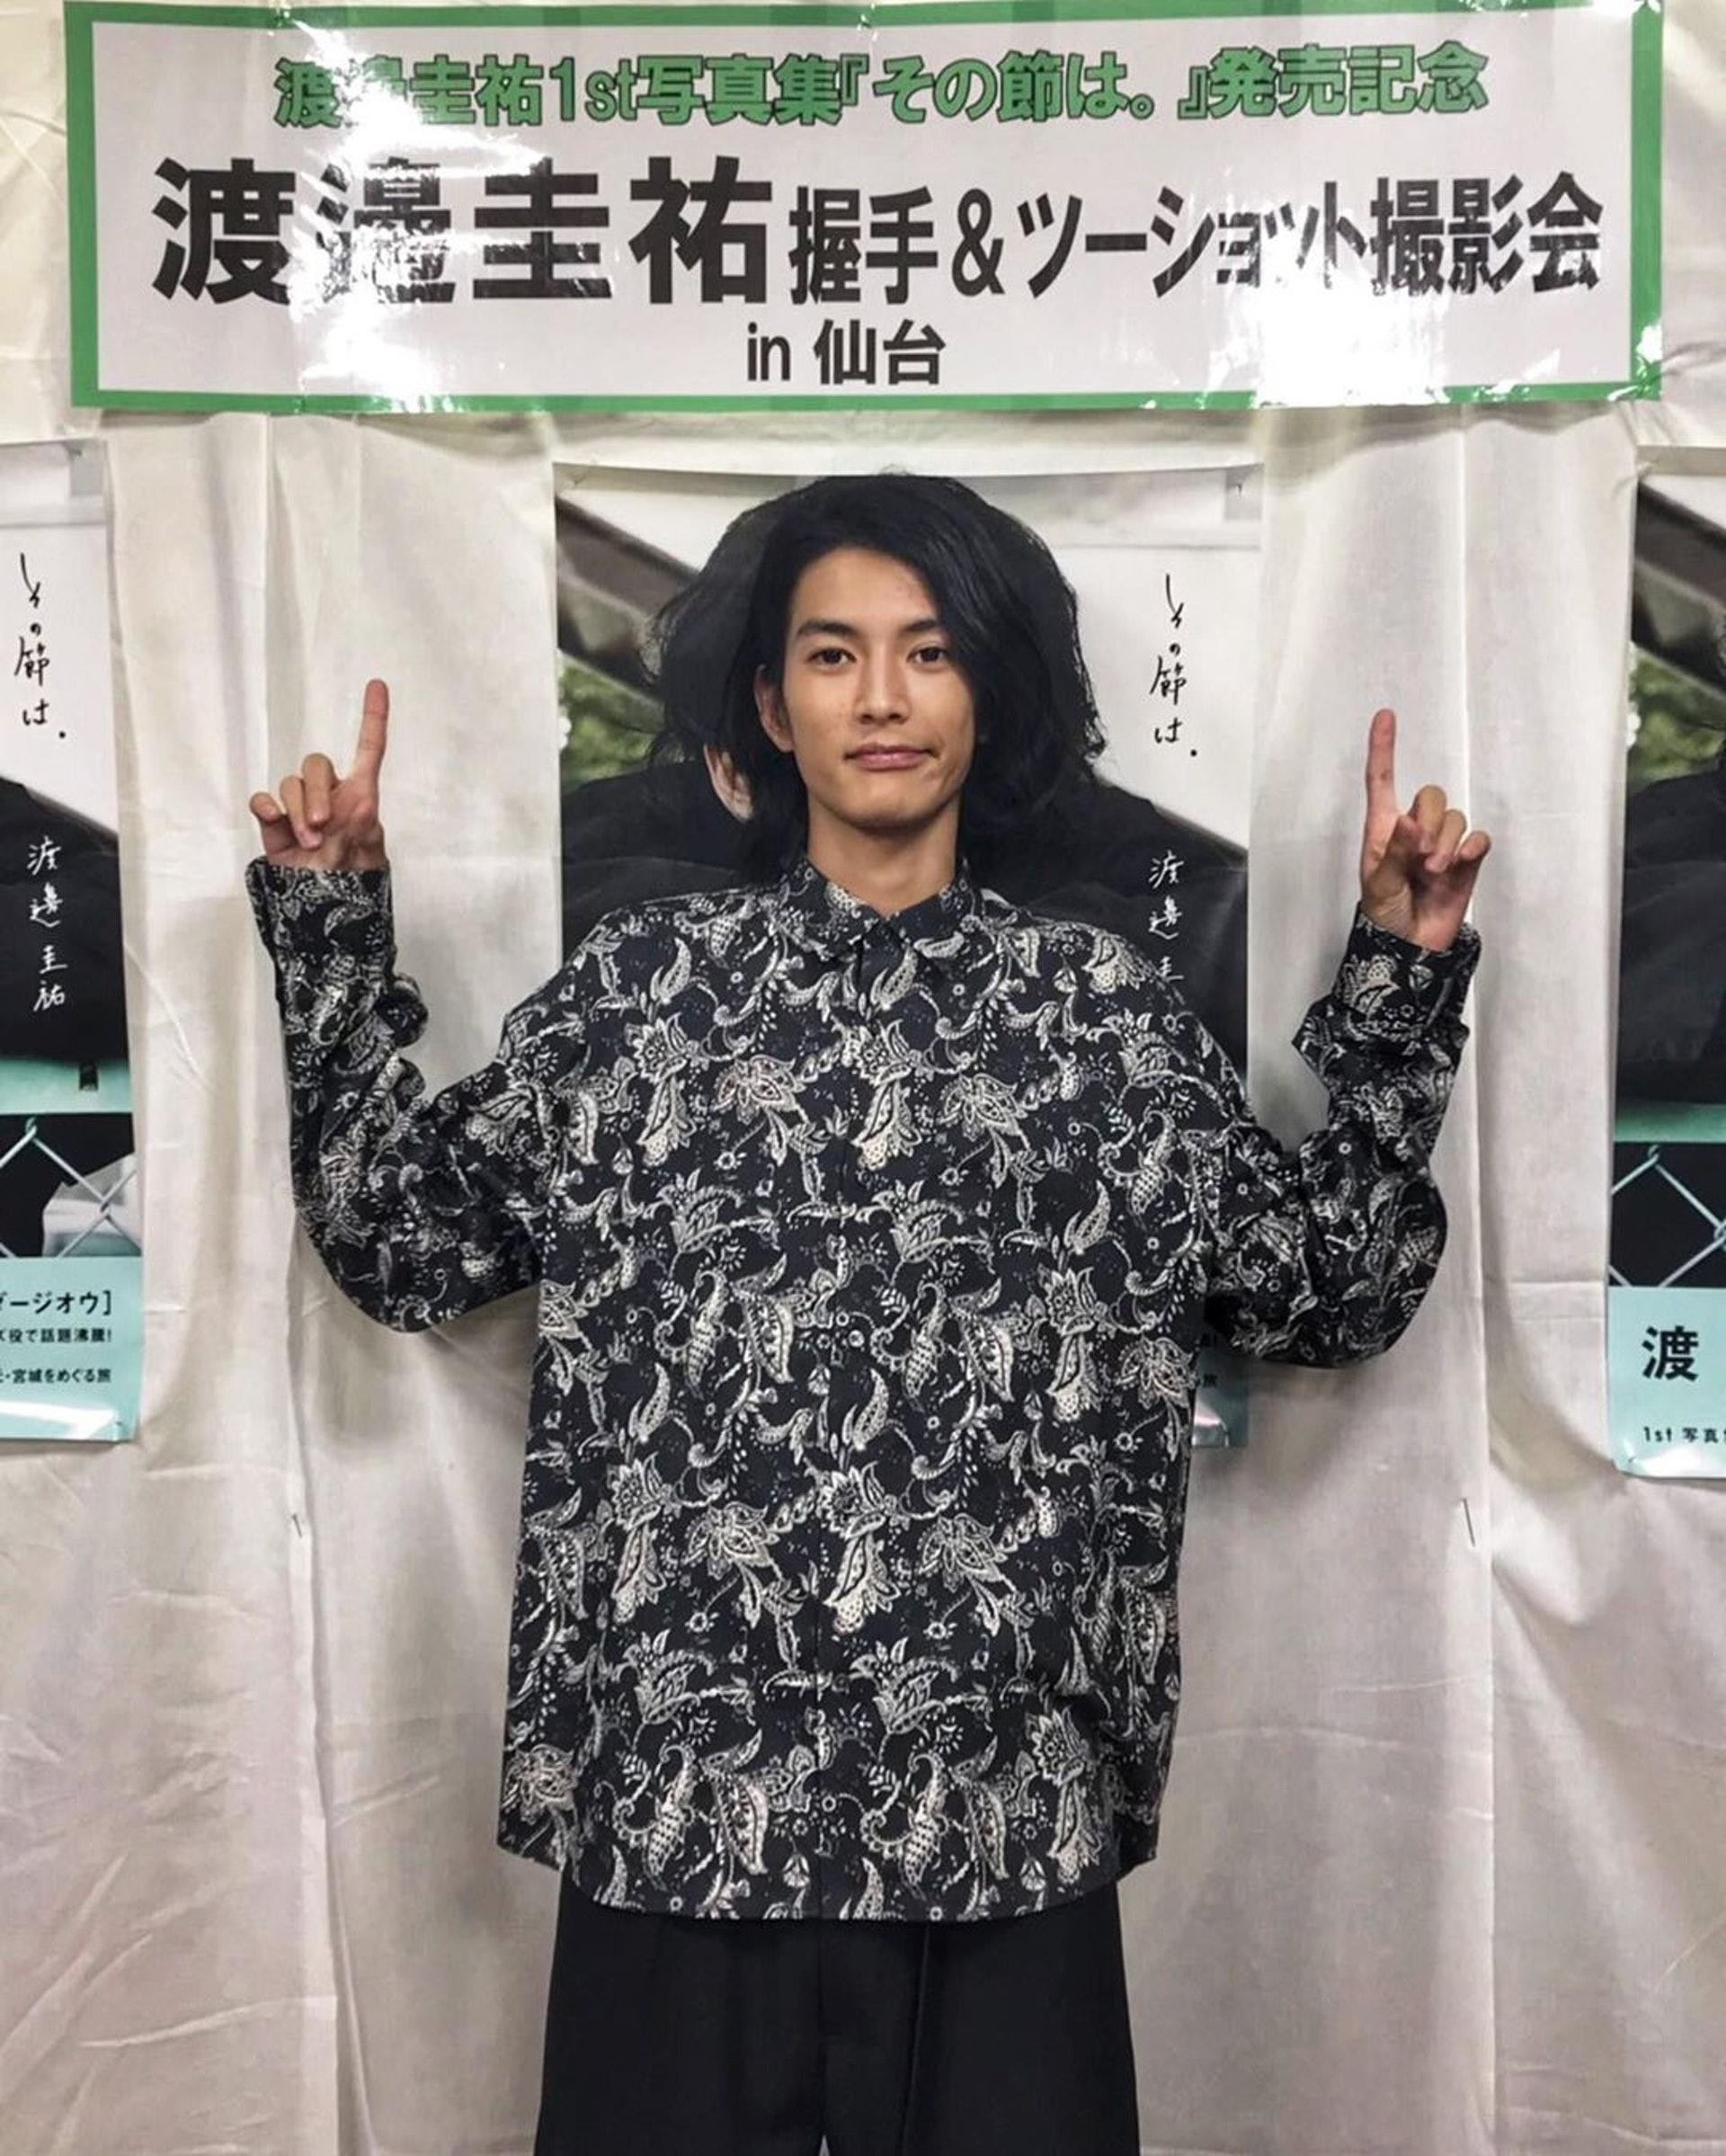 【說好不哭】周杰倫阿信都要靠邊站? 一位日本男神成MV